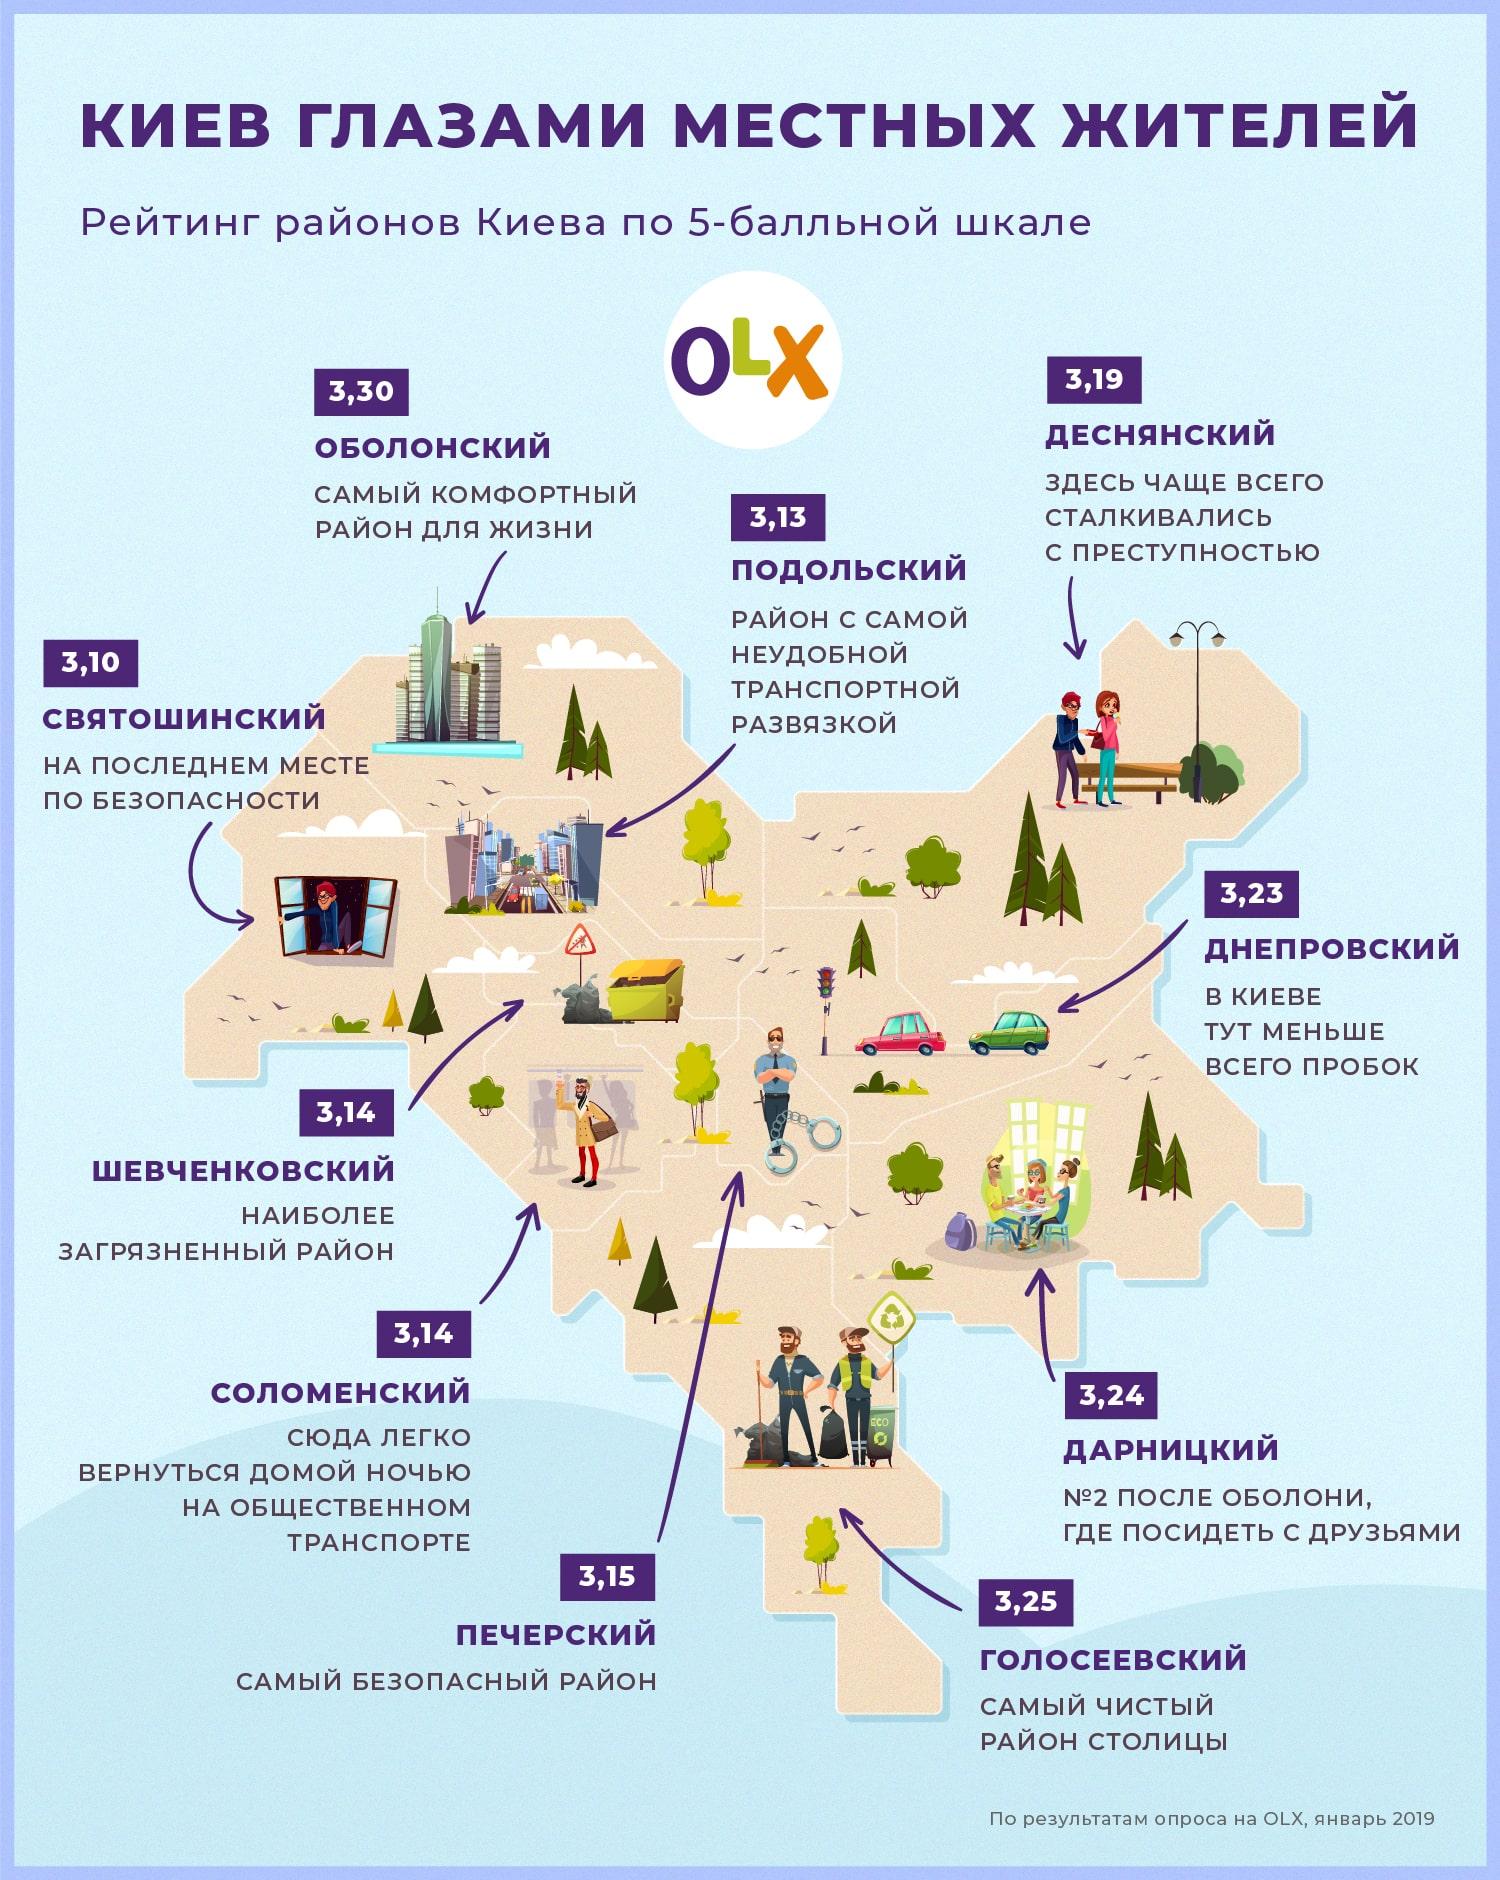 Киев глазами местных жителей глазами OLX